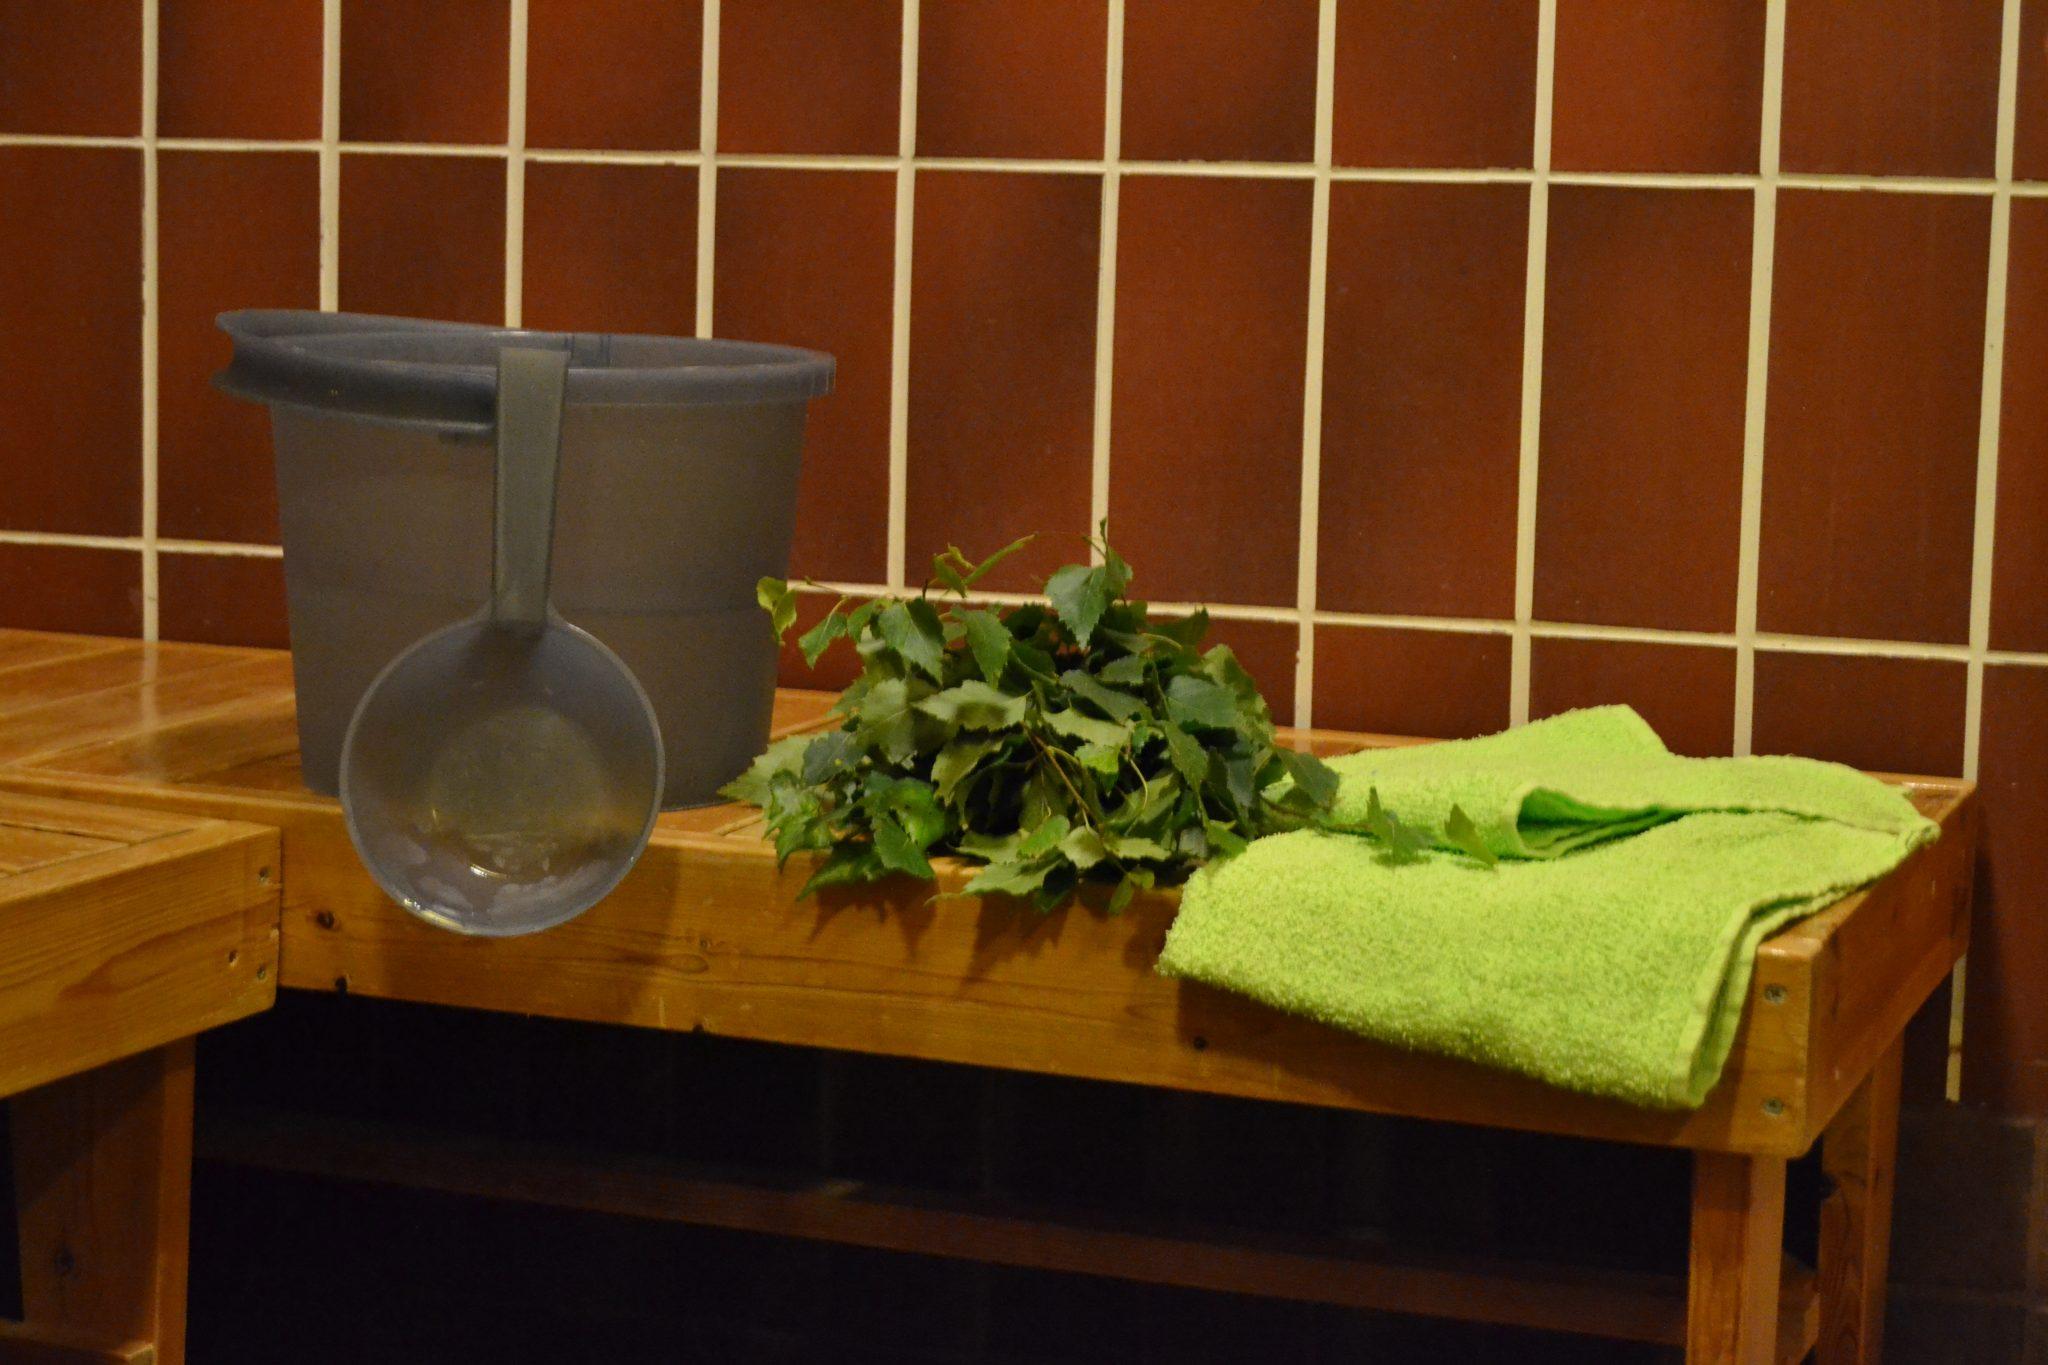 Viitakodin saunan tilava ja esteetön kylpyhuone